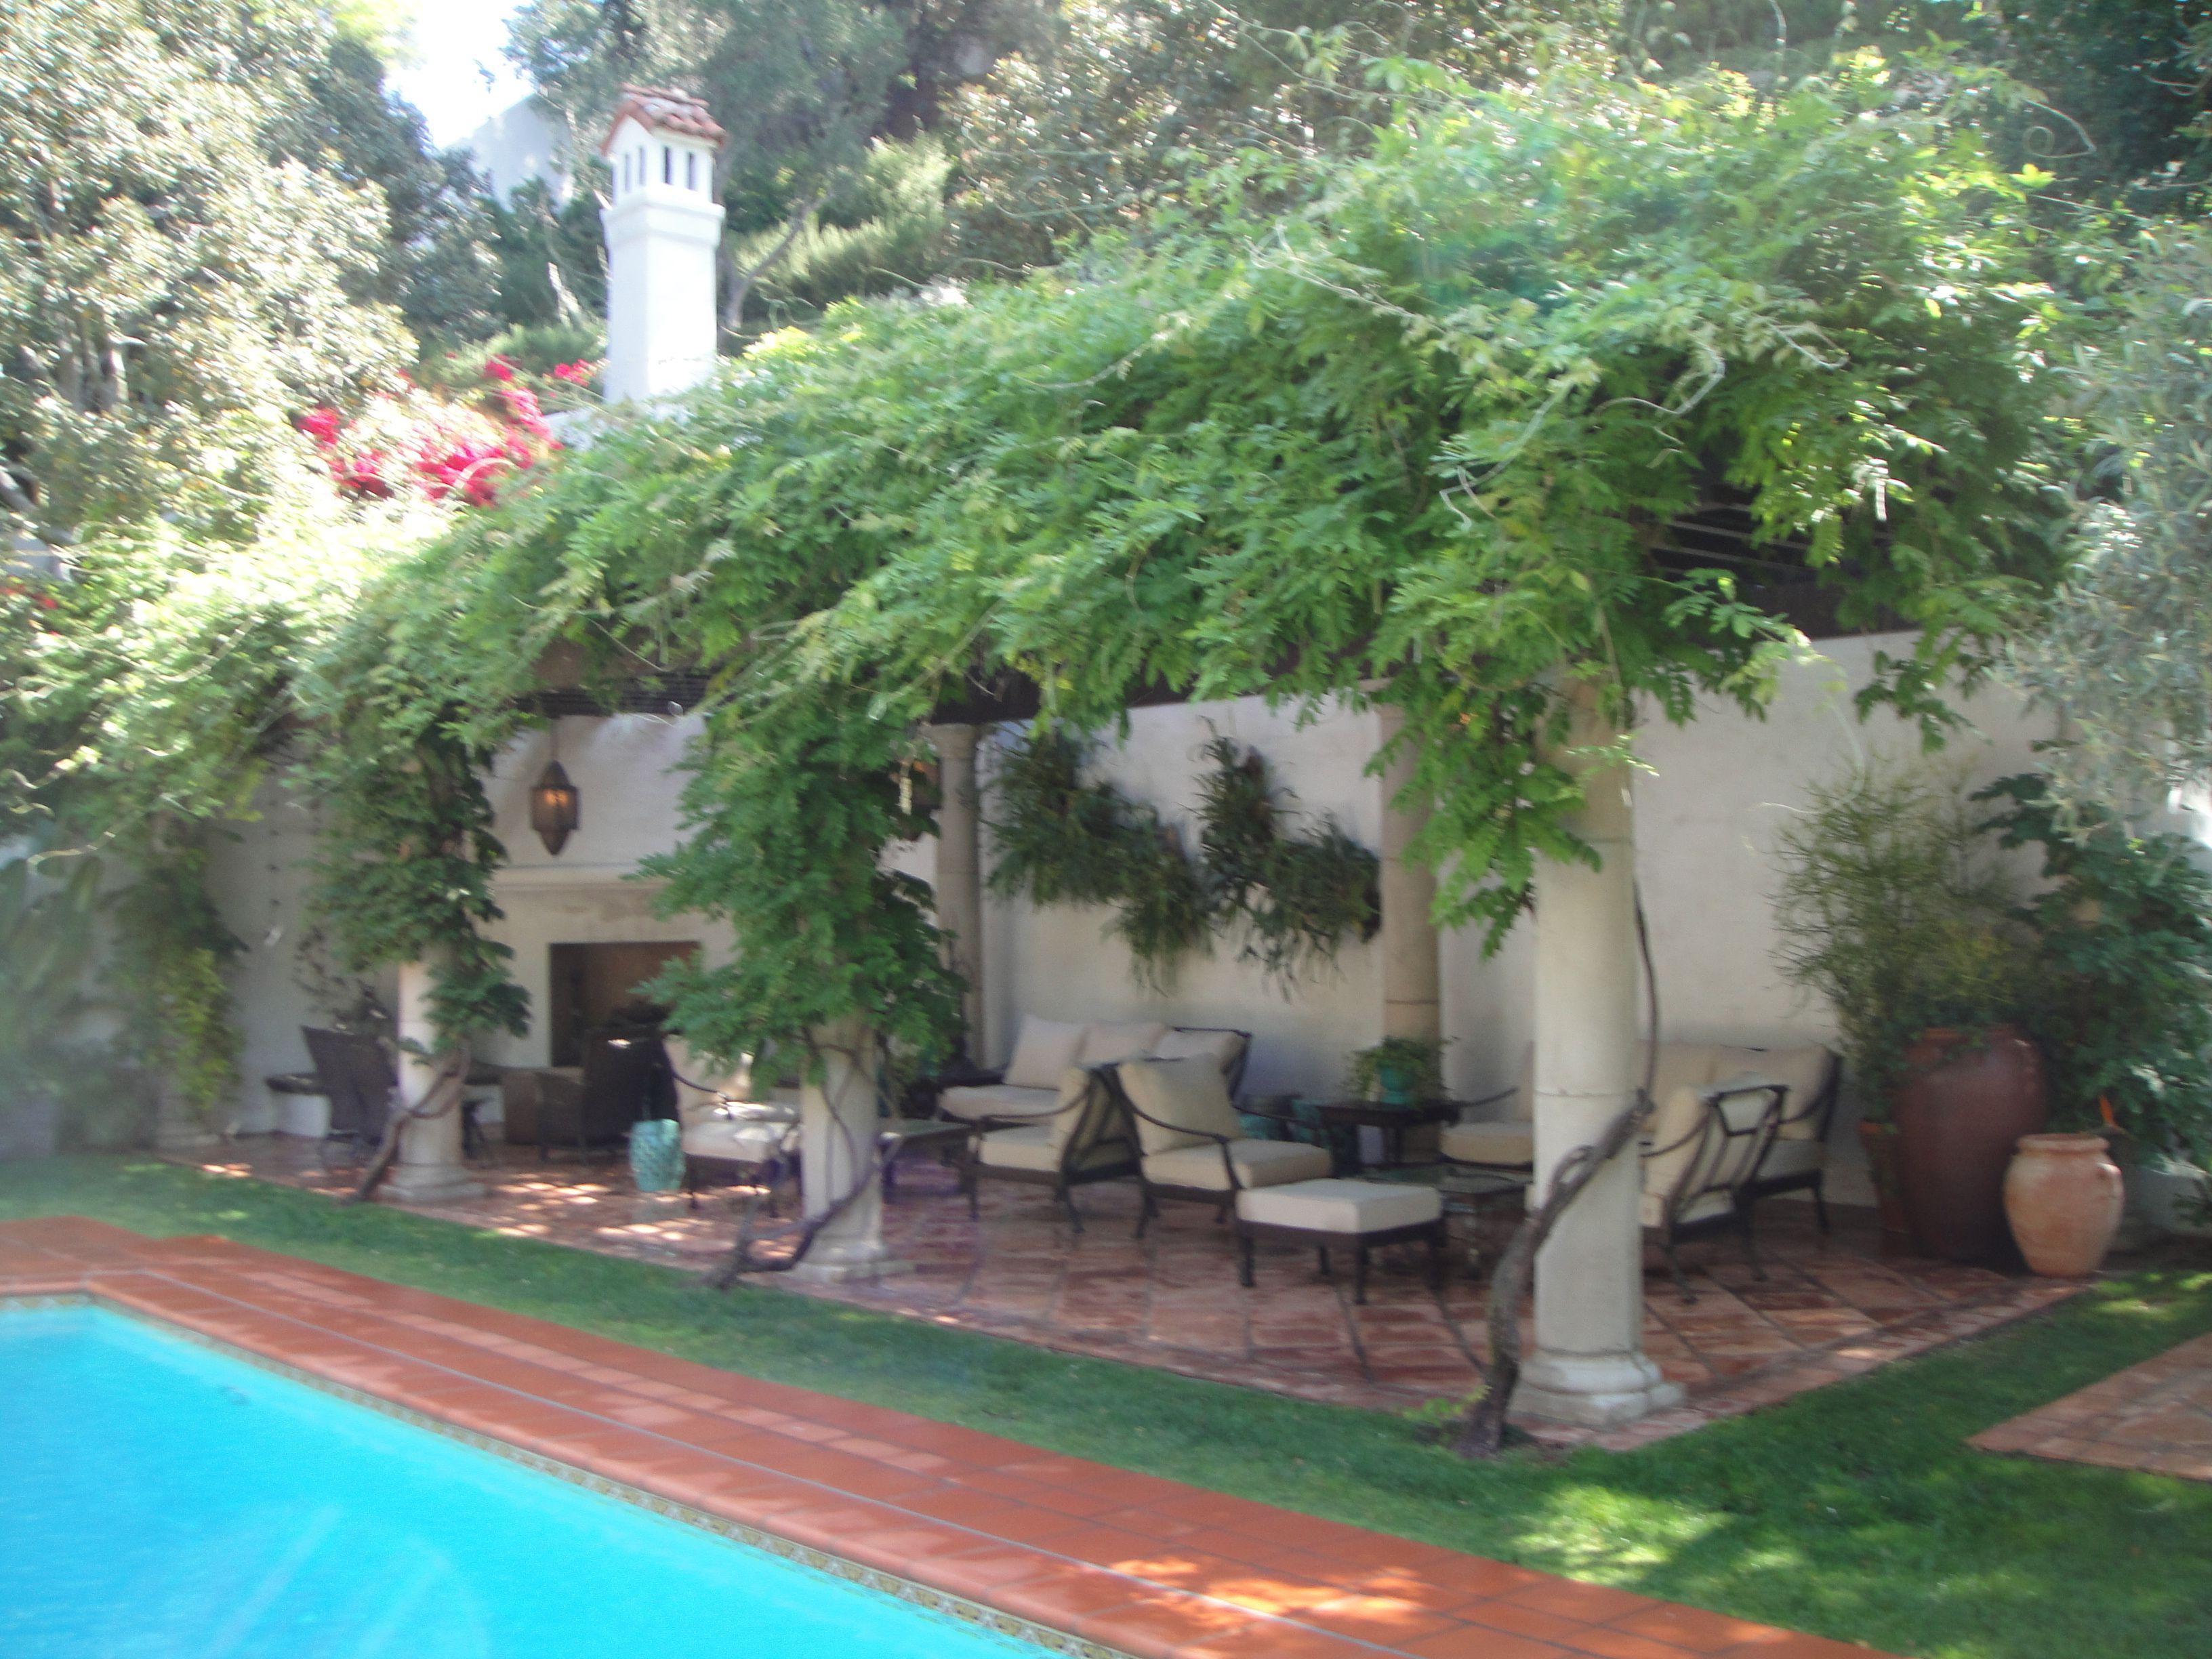 ford/farringtom n   garden   Pinterest   Ford and Gardens